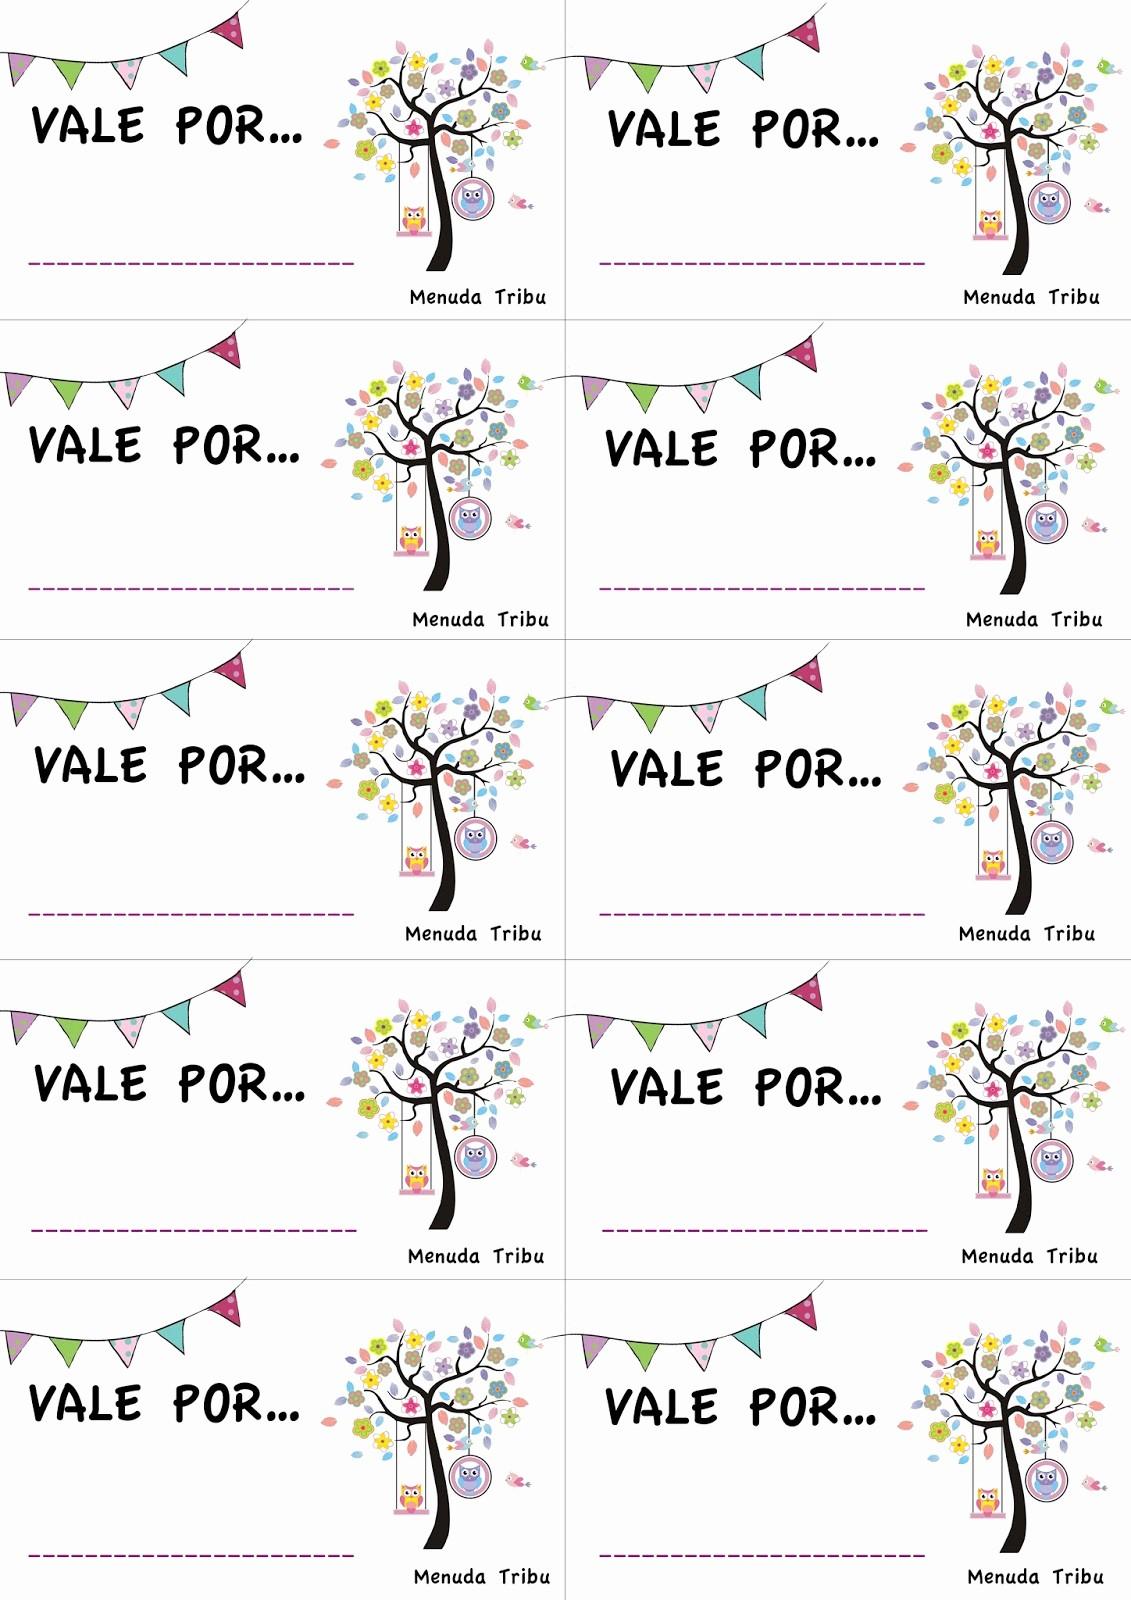 Formato Vale Por Para Imprimir Inspirational Menuda Tribu Talonario De Vales De Regalo Para Imprimir